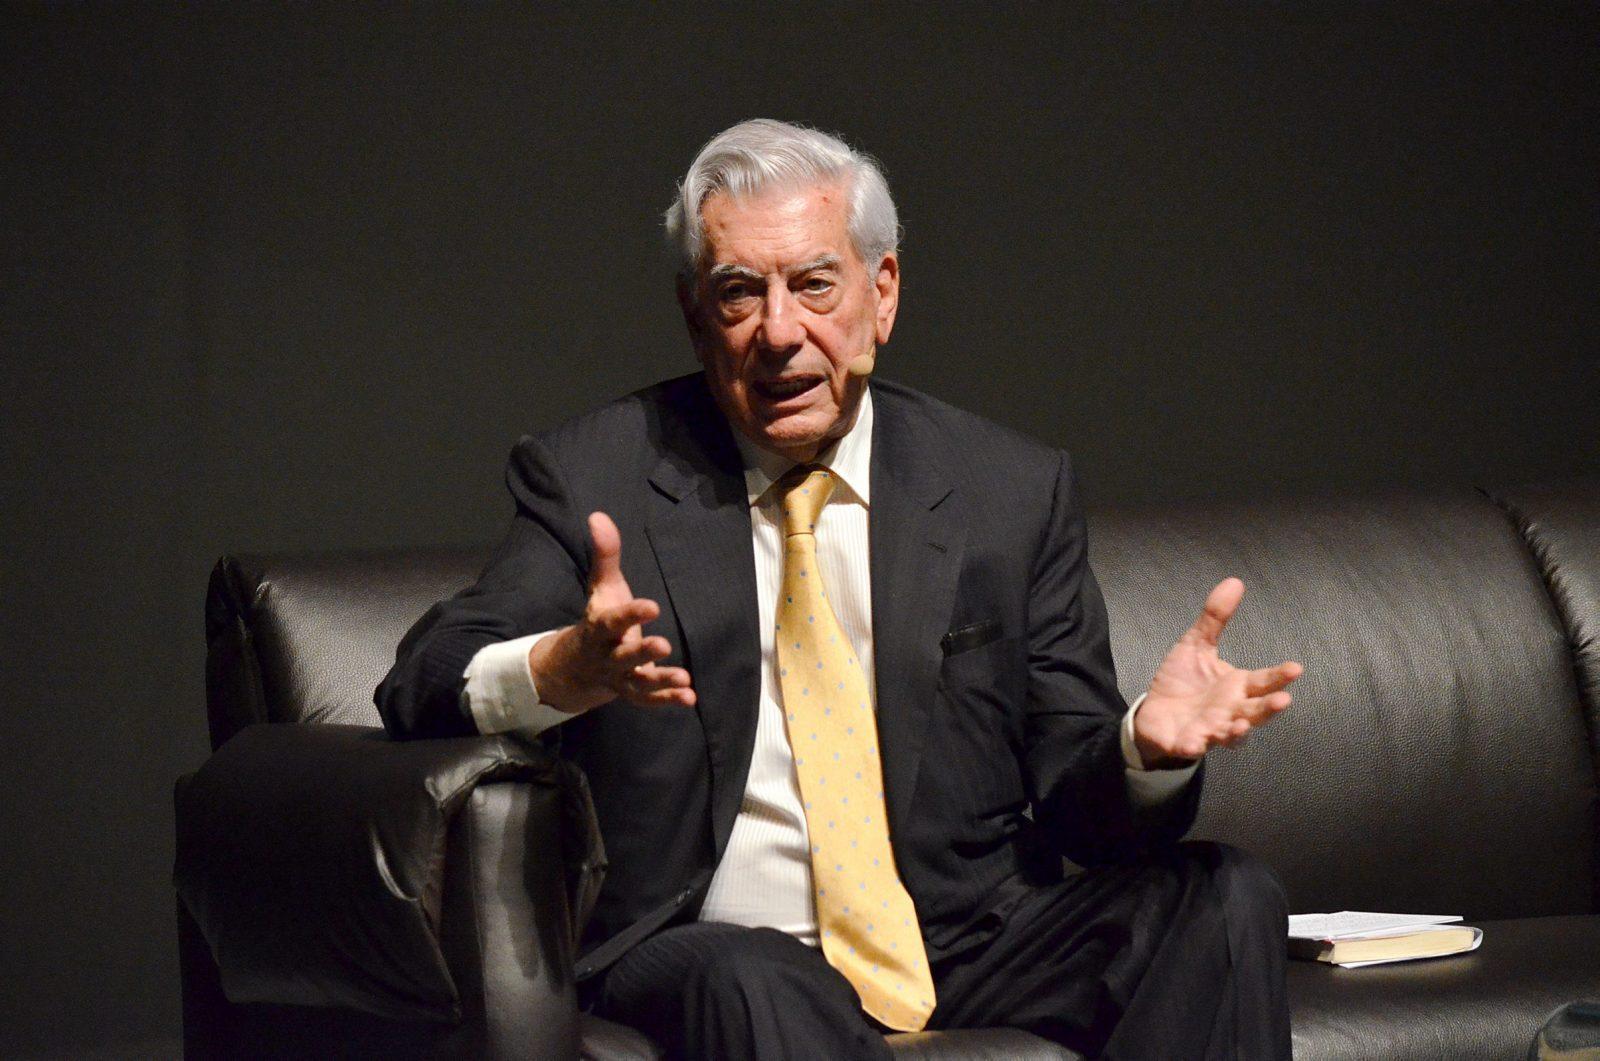 México votó por un populismo con efectos negativos: Vargas Llosa